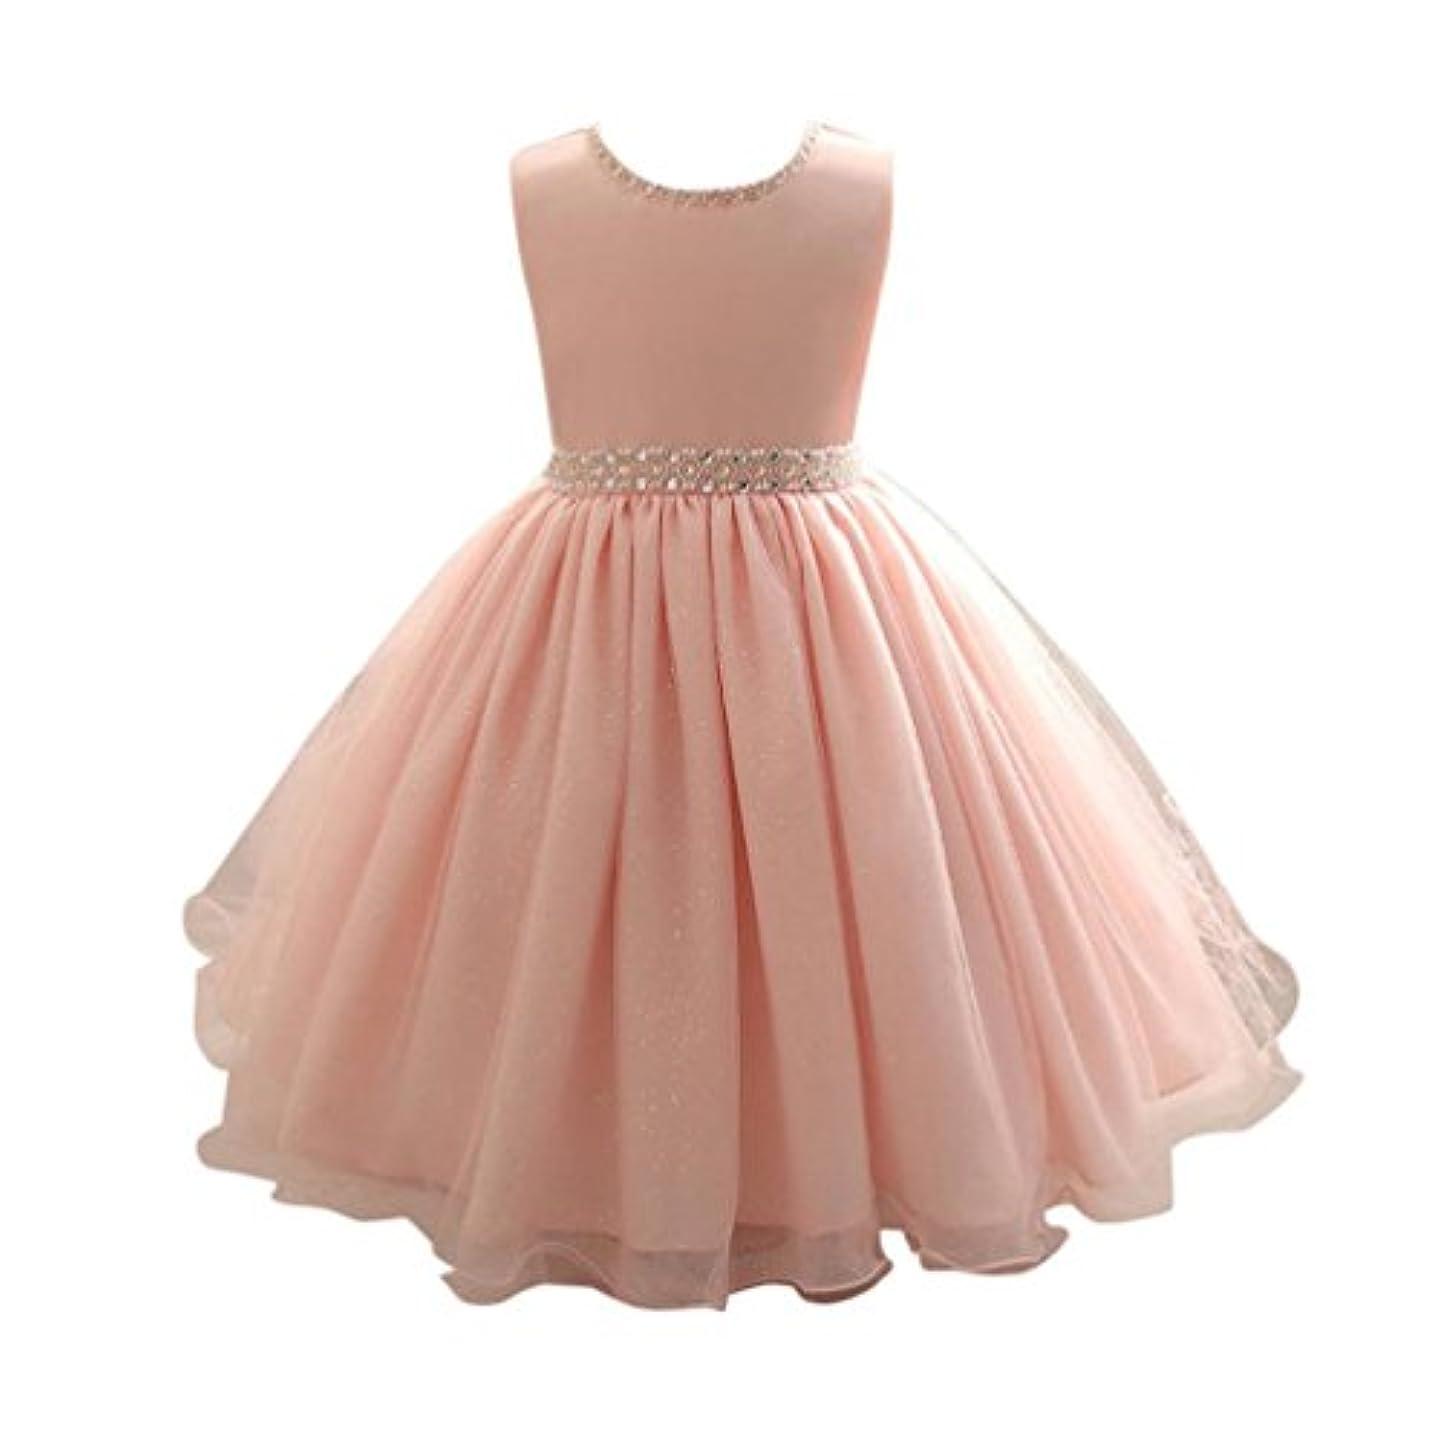 モデレータ荒らす批判Mhomzawa 子供ドレス 女の子 発表会 子どもドレス 結婚式 お呼ばれ キッズ プリンセス こどもフラワーガール 花柄 子ども服